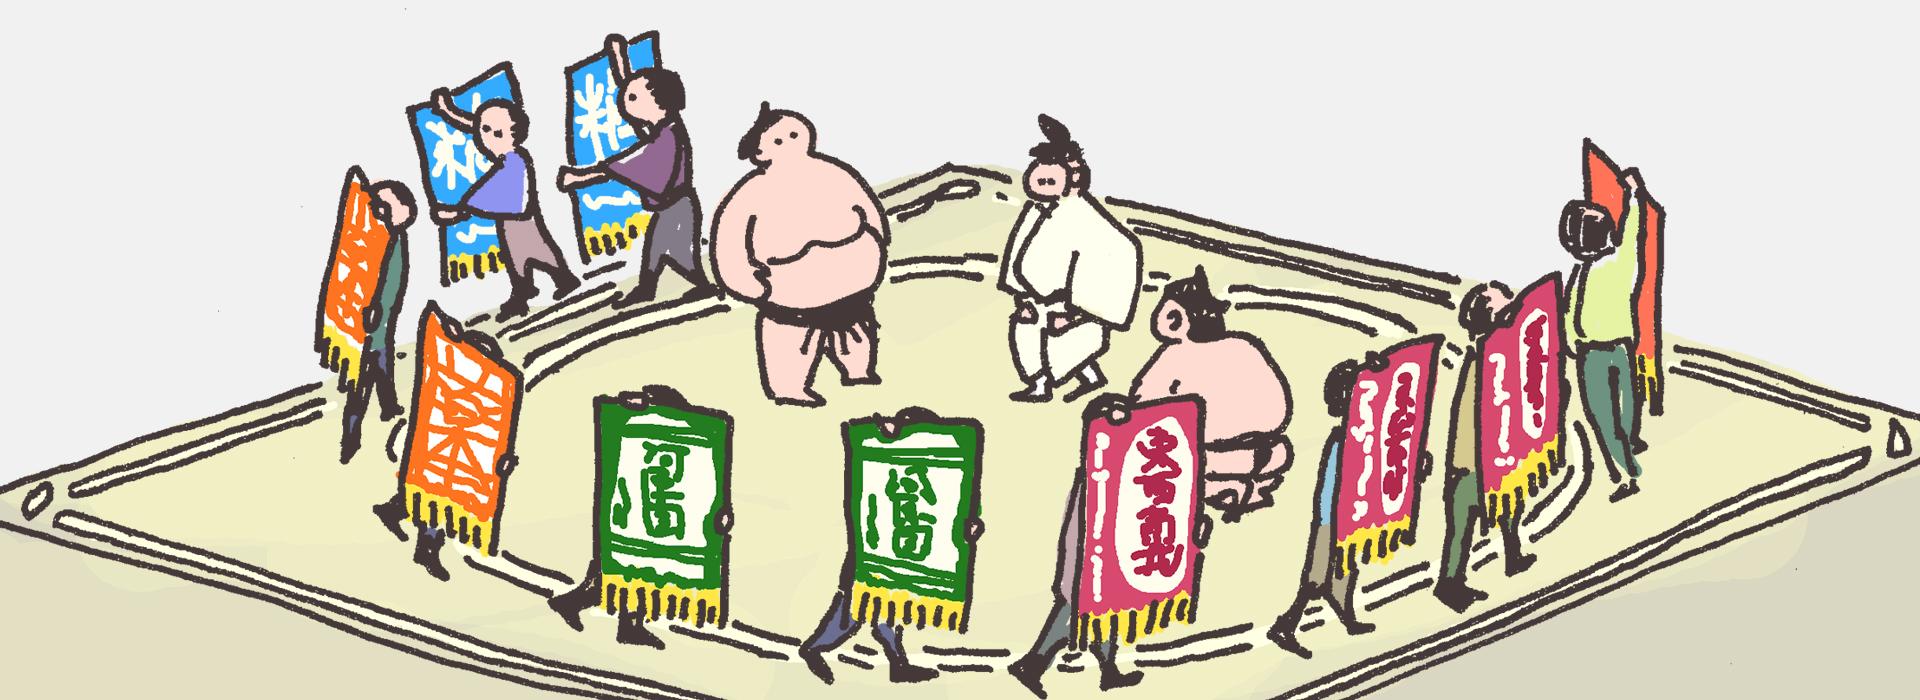 懸賞 金 の いくら 相撲 は